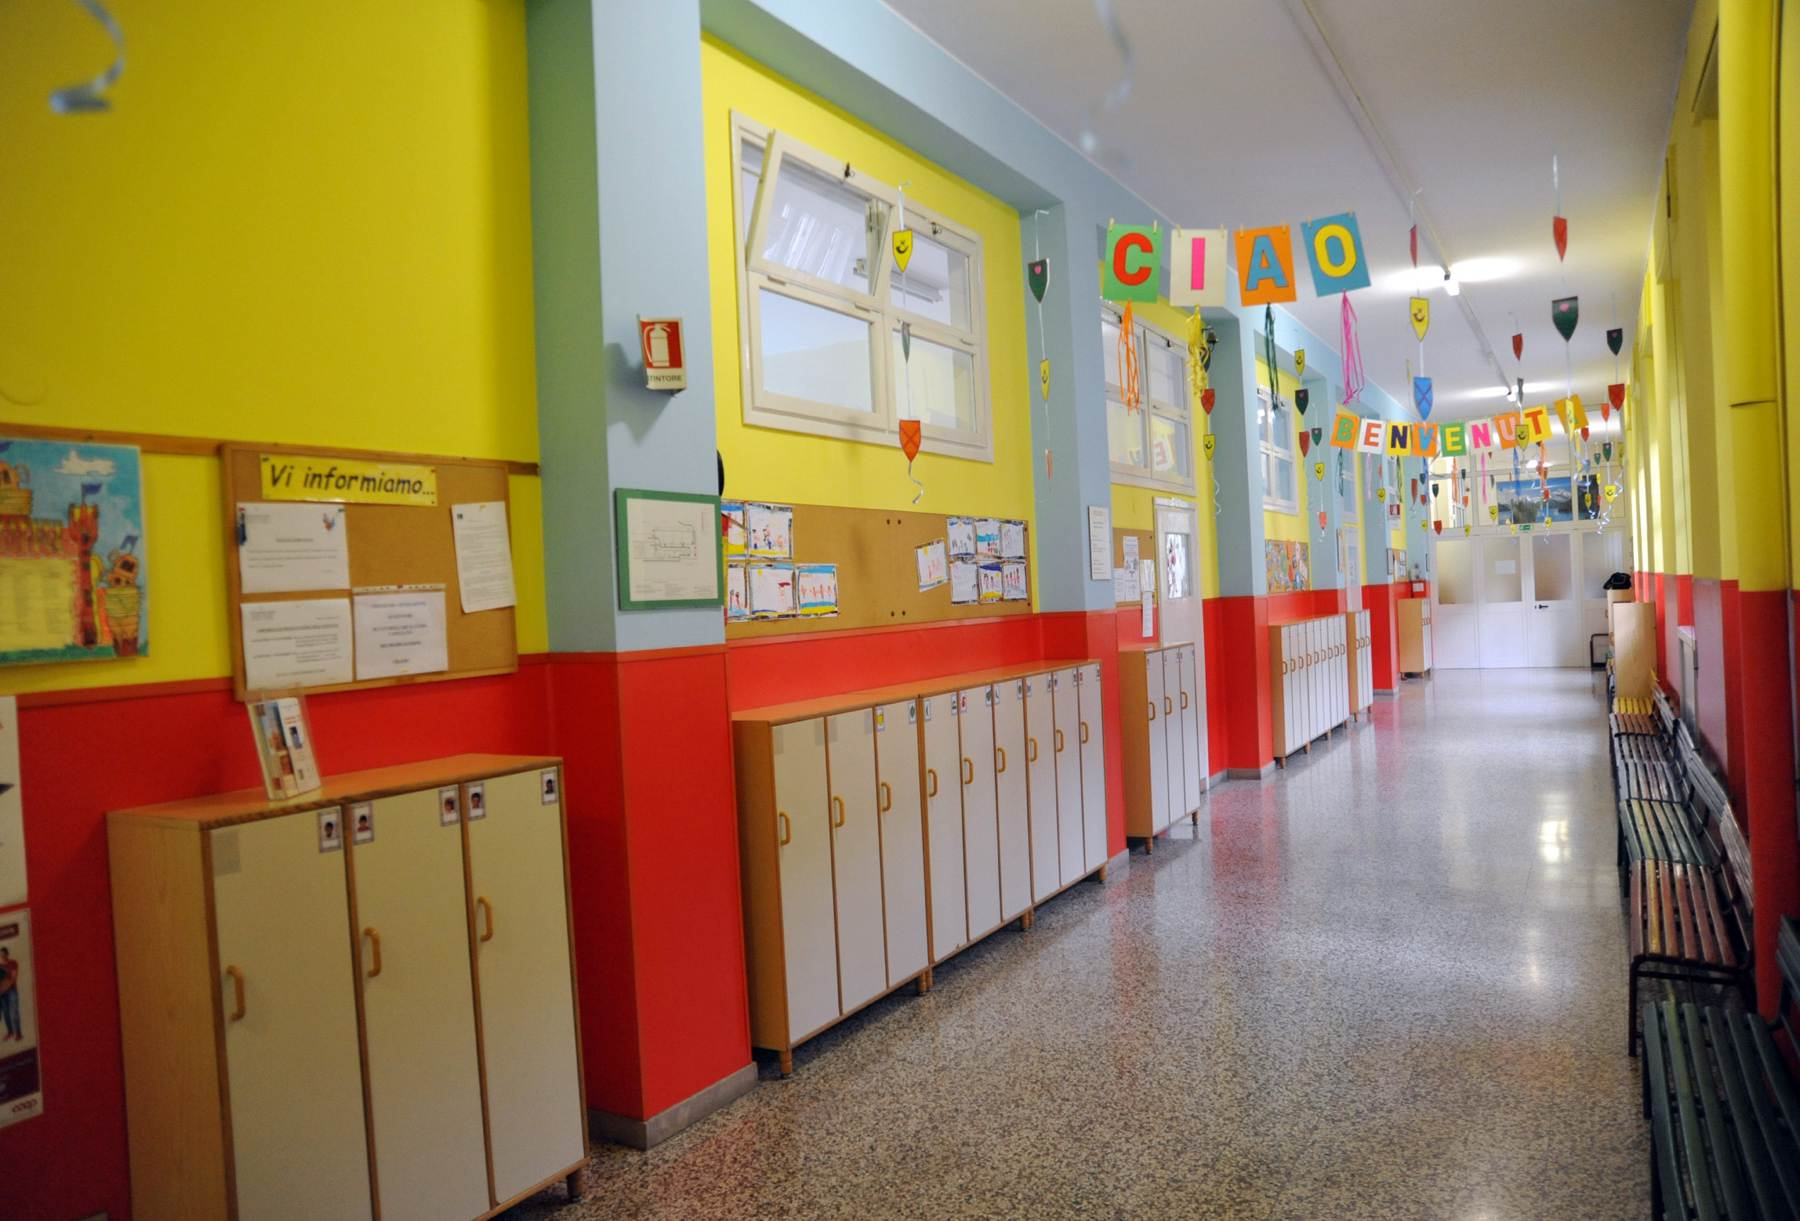 Corridoio scuola infanzia